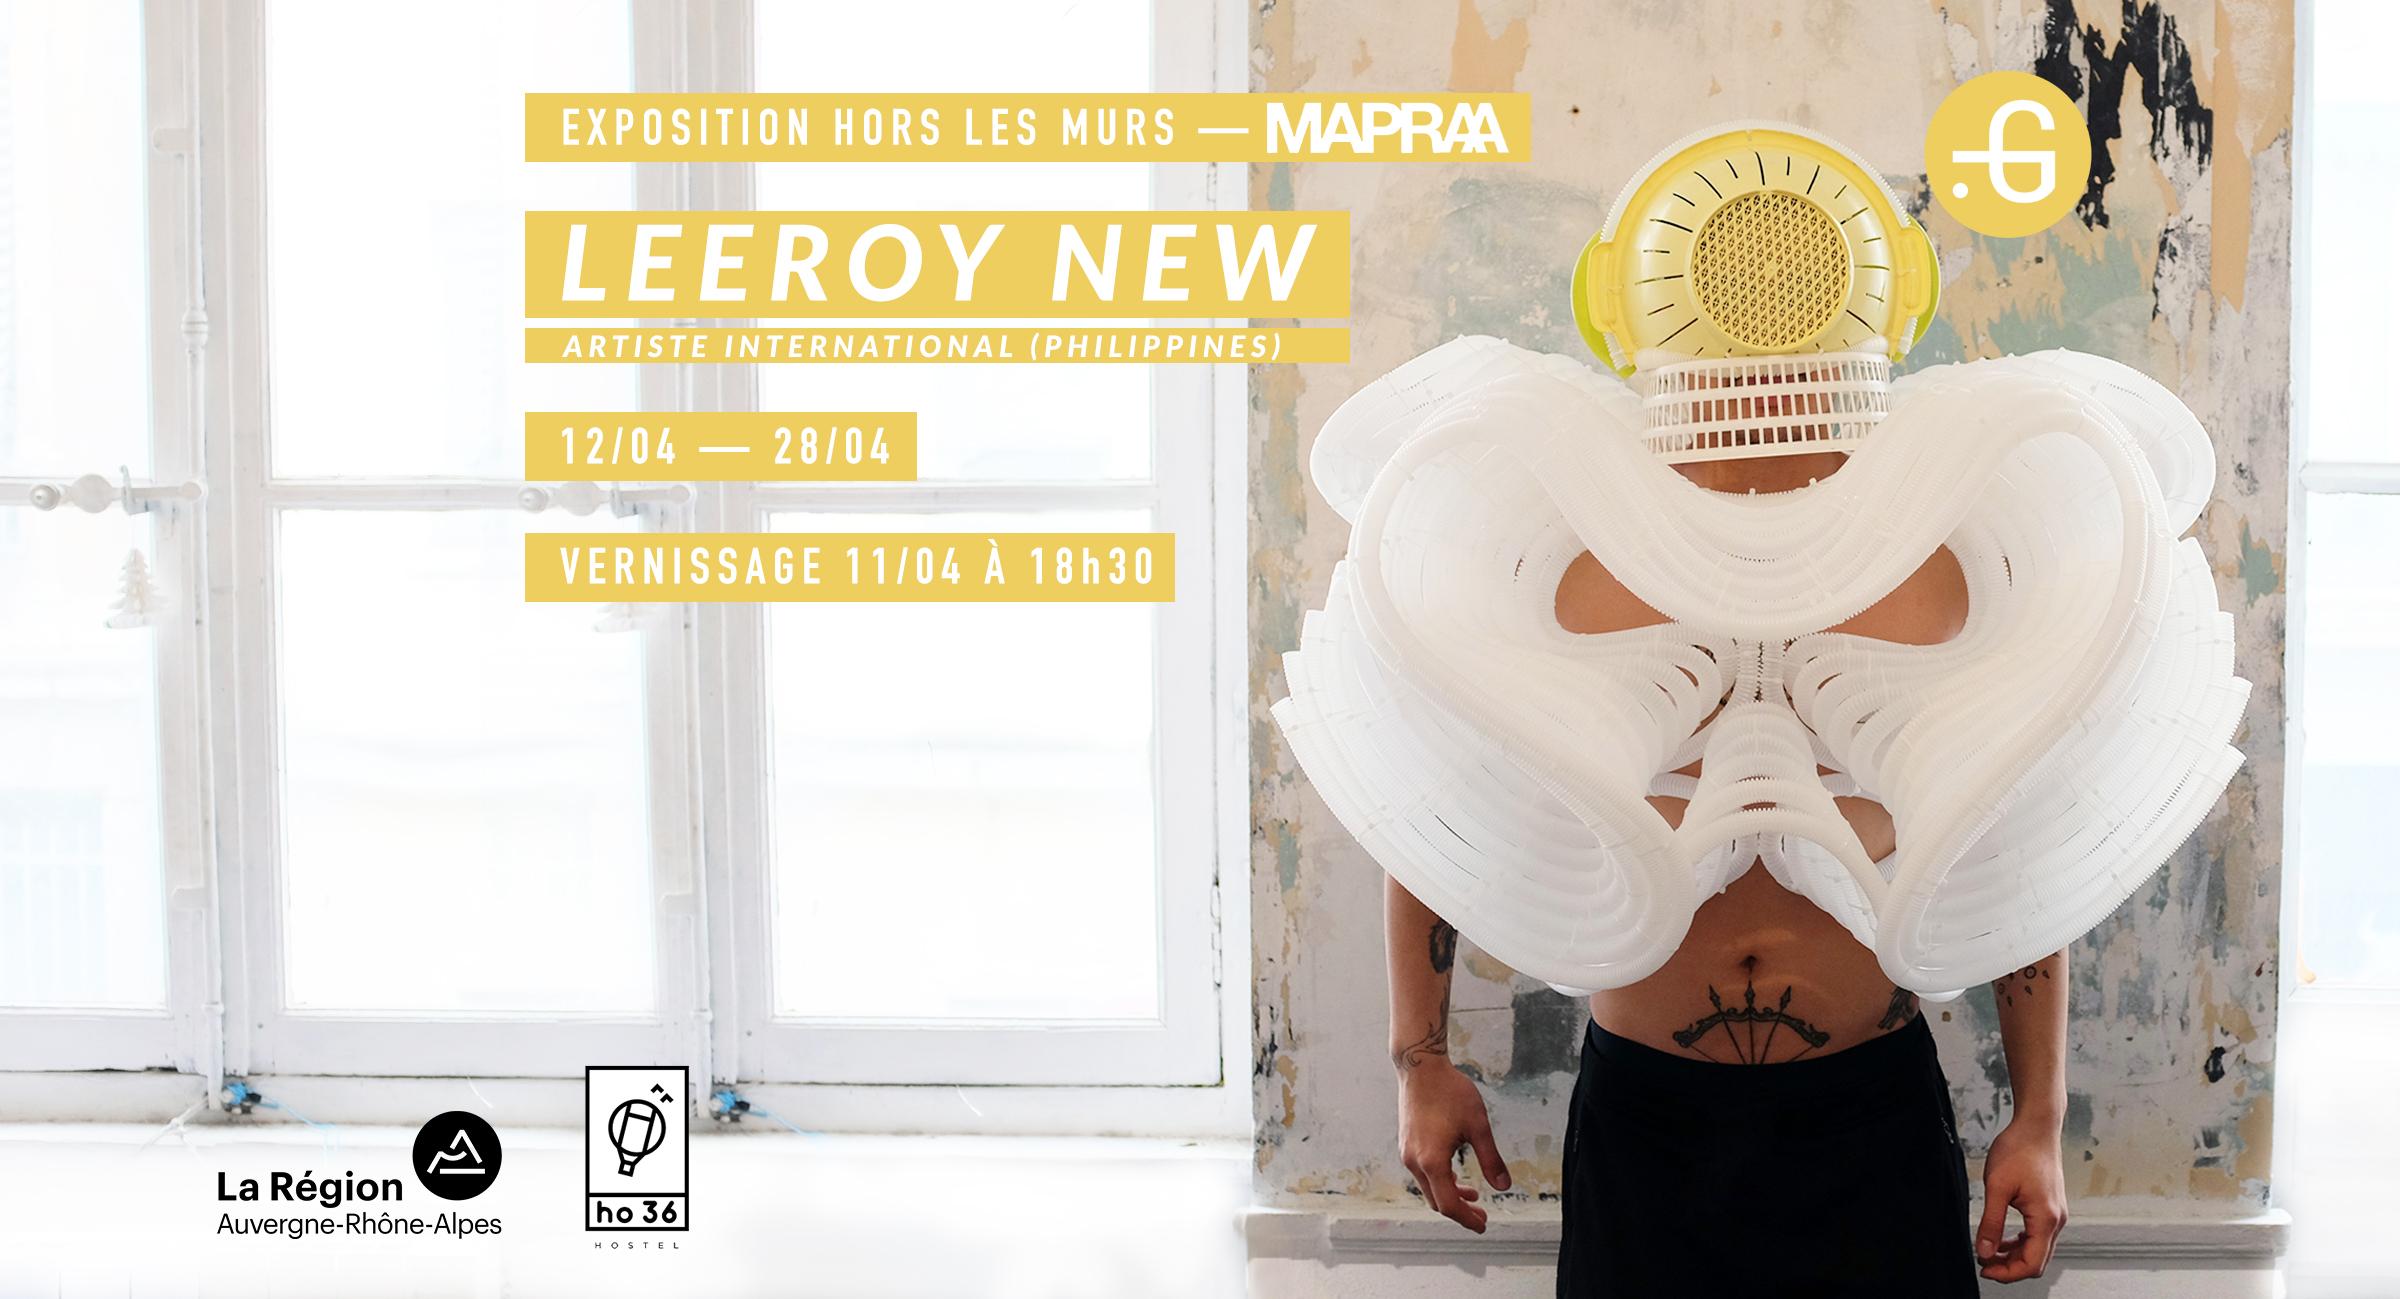 Leeroy New à la Mapraa, présenté par Taverne Gutenberg, Lyon